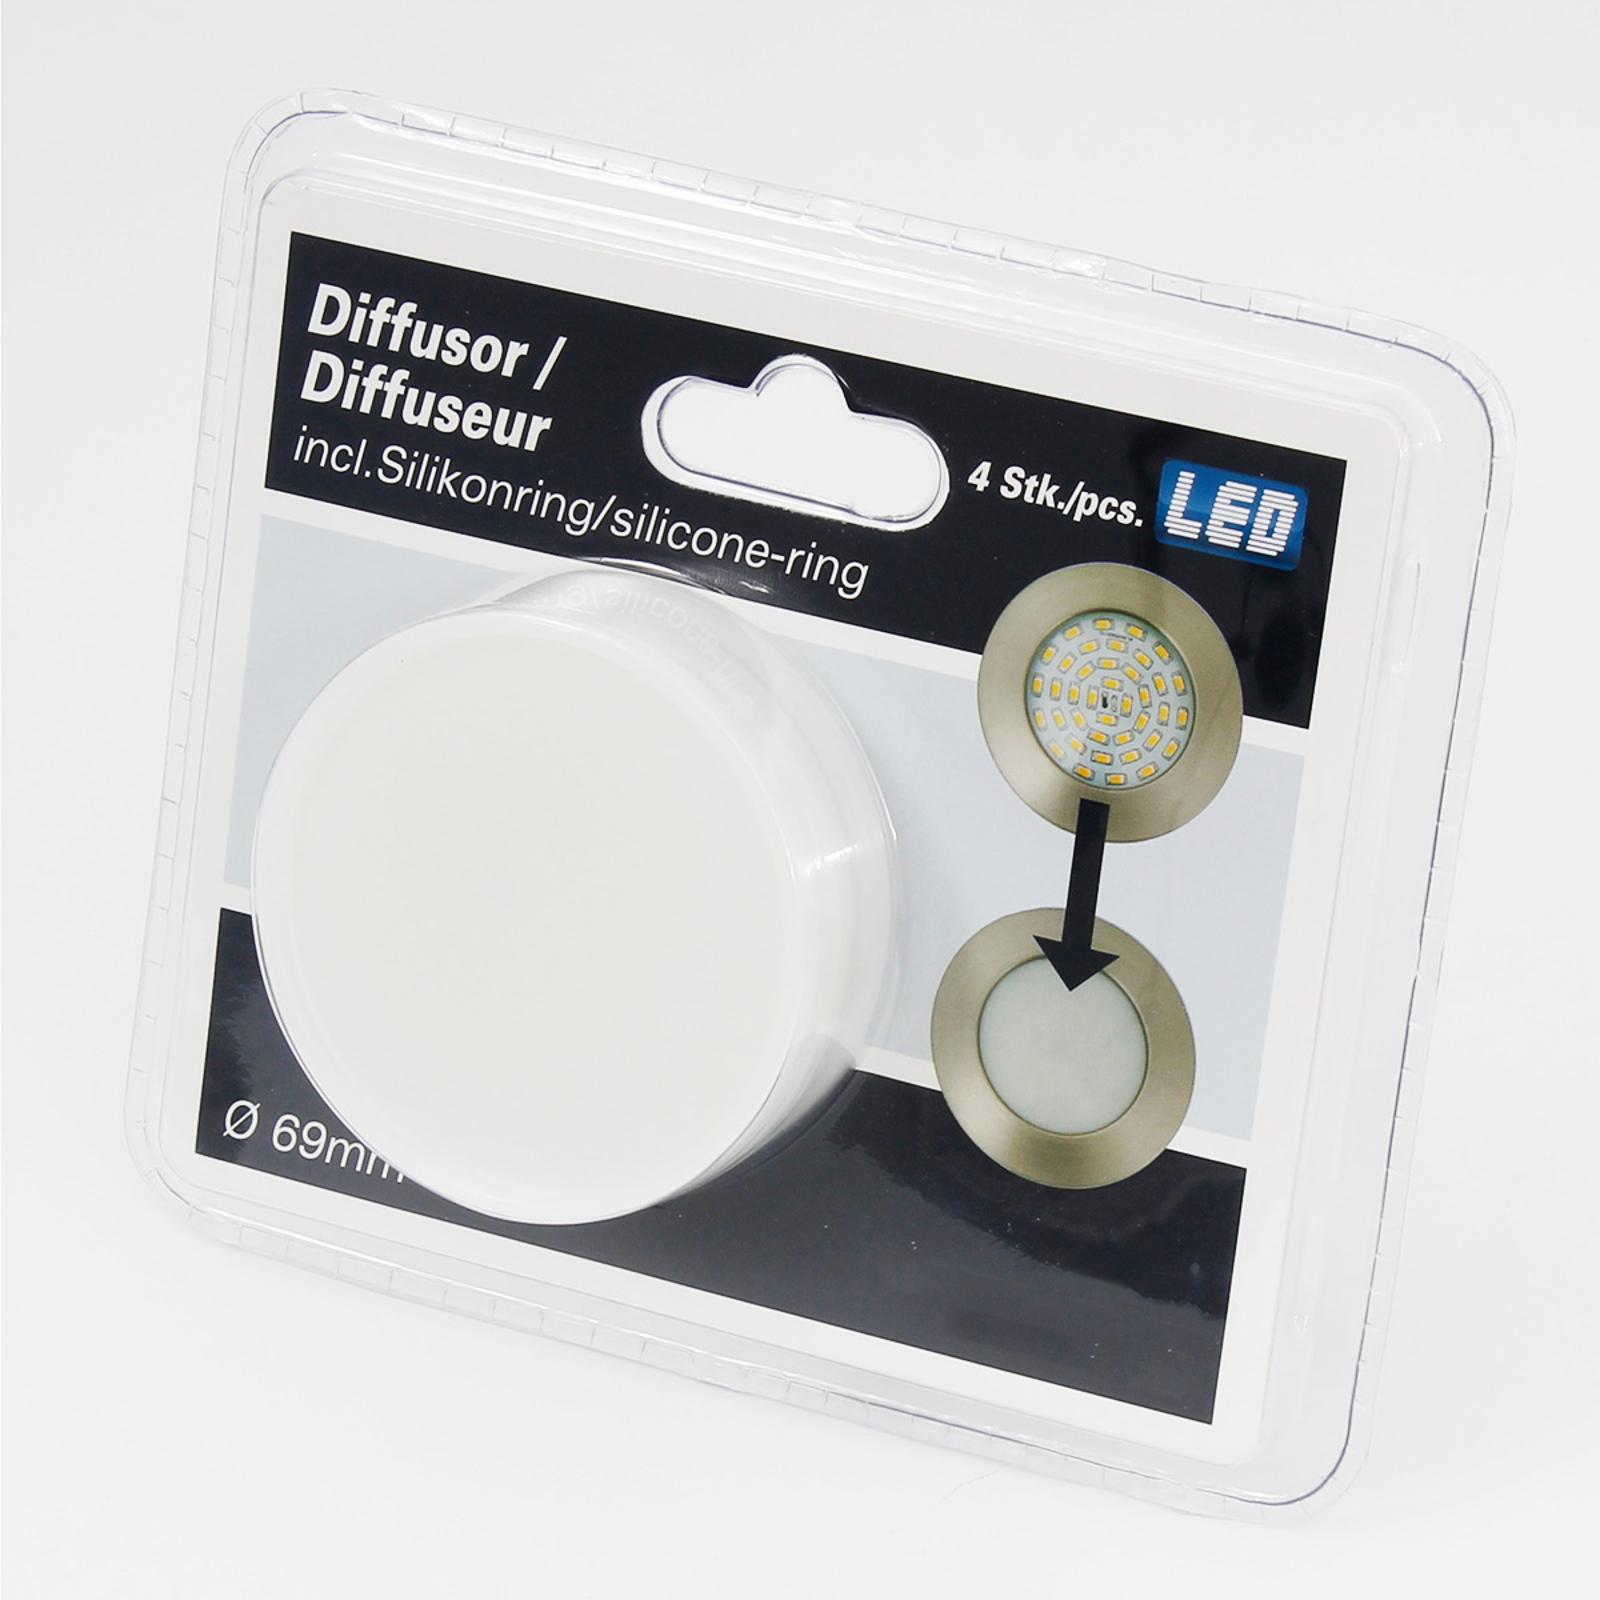 Diffusoropzet voor inbouwlampen 6,9 cm 4 per set